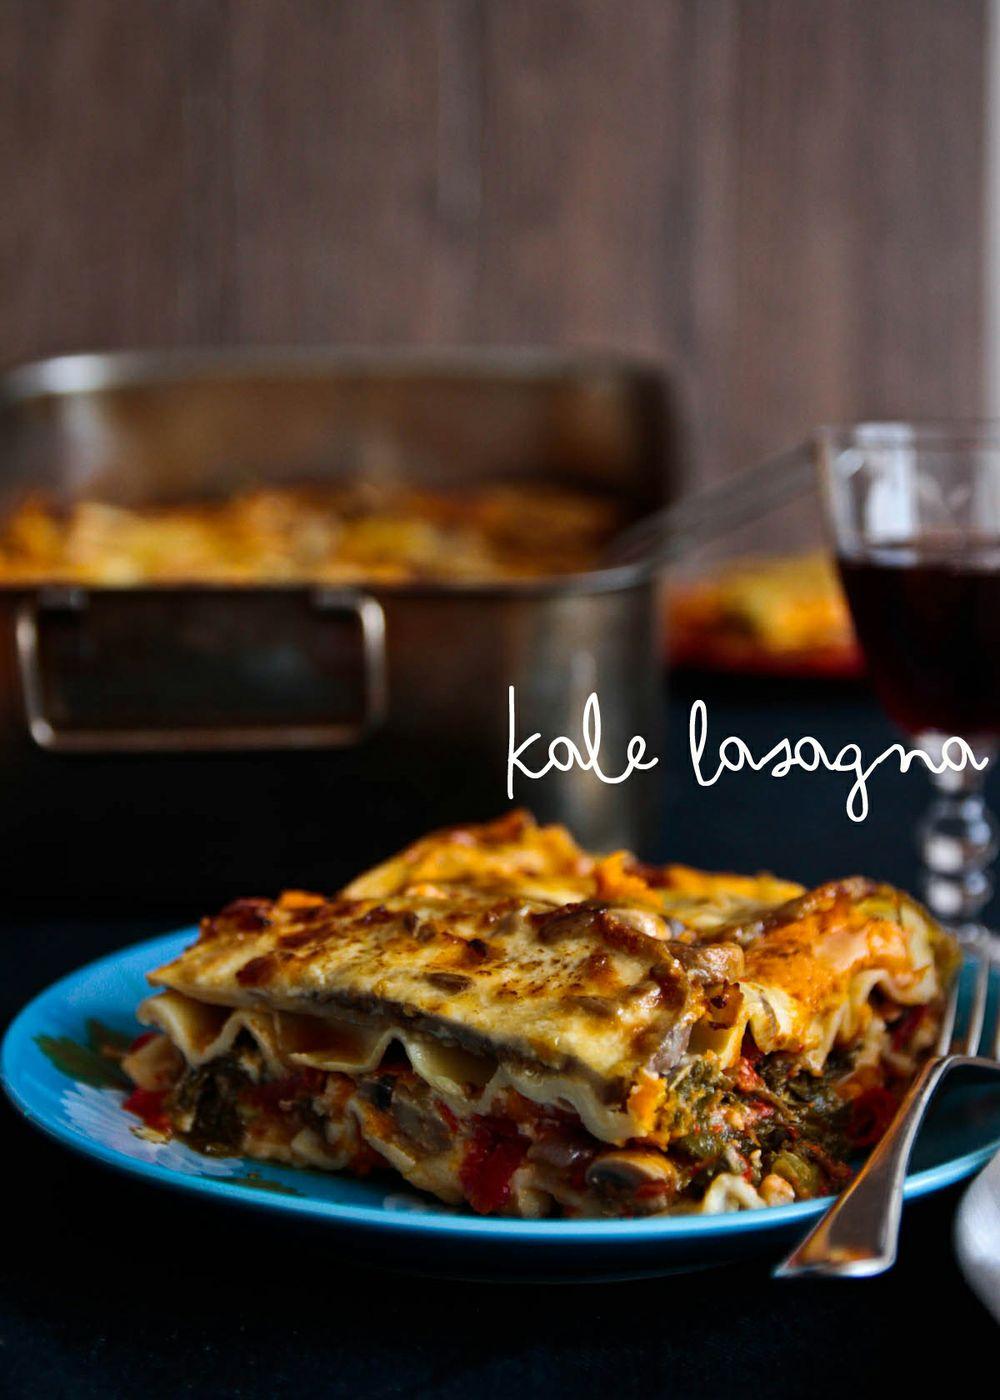 m2-kale-lasagne-2-3